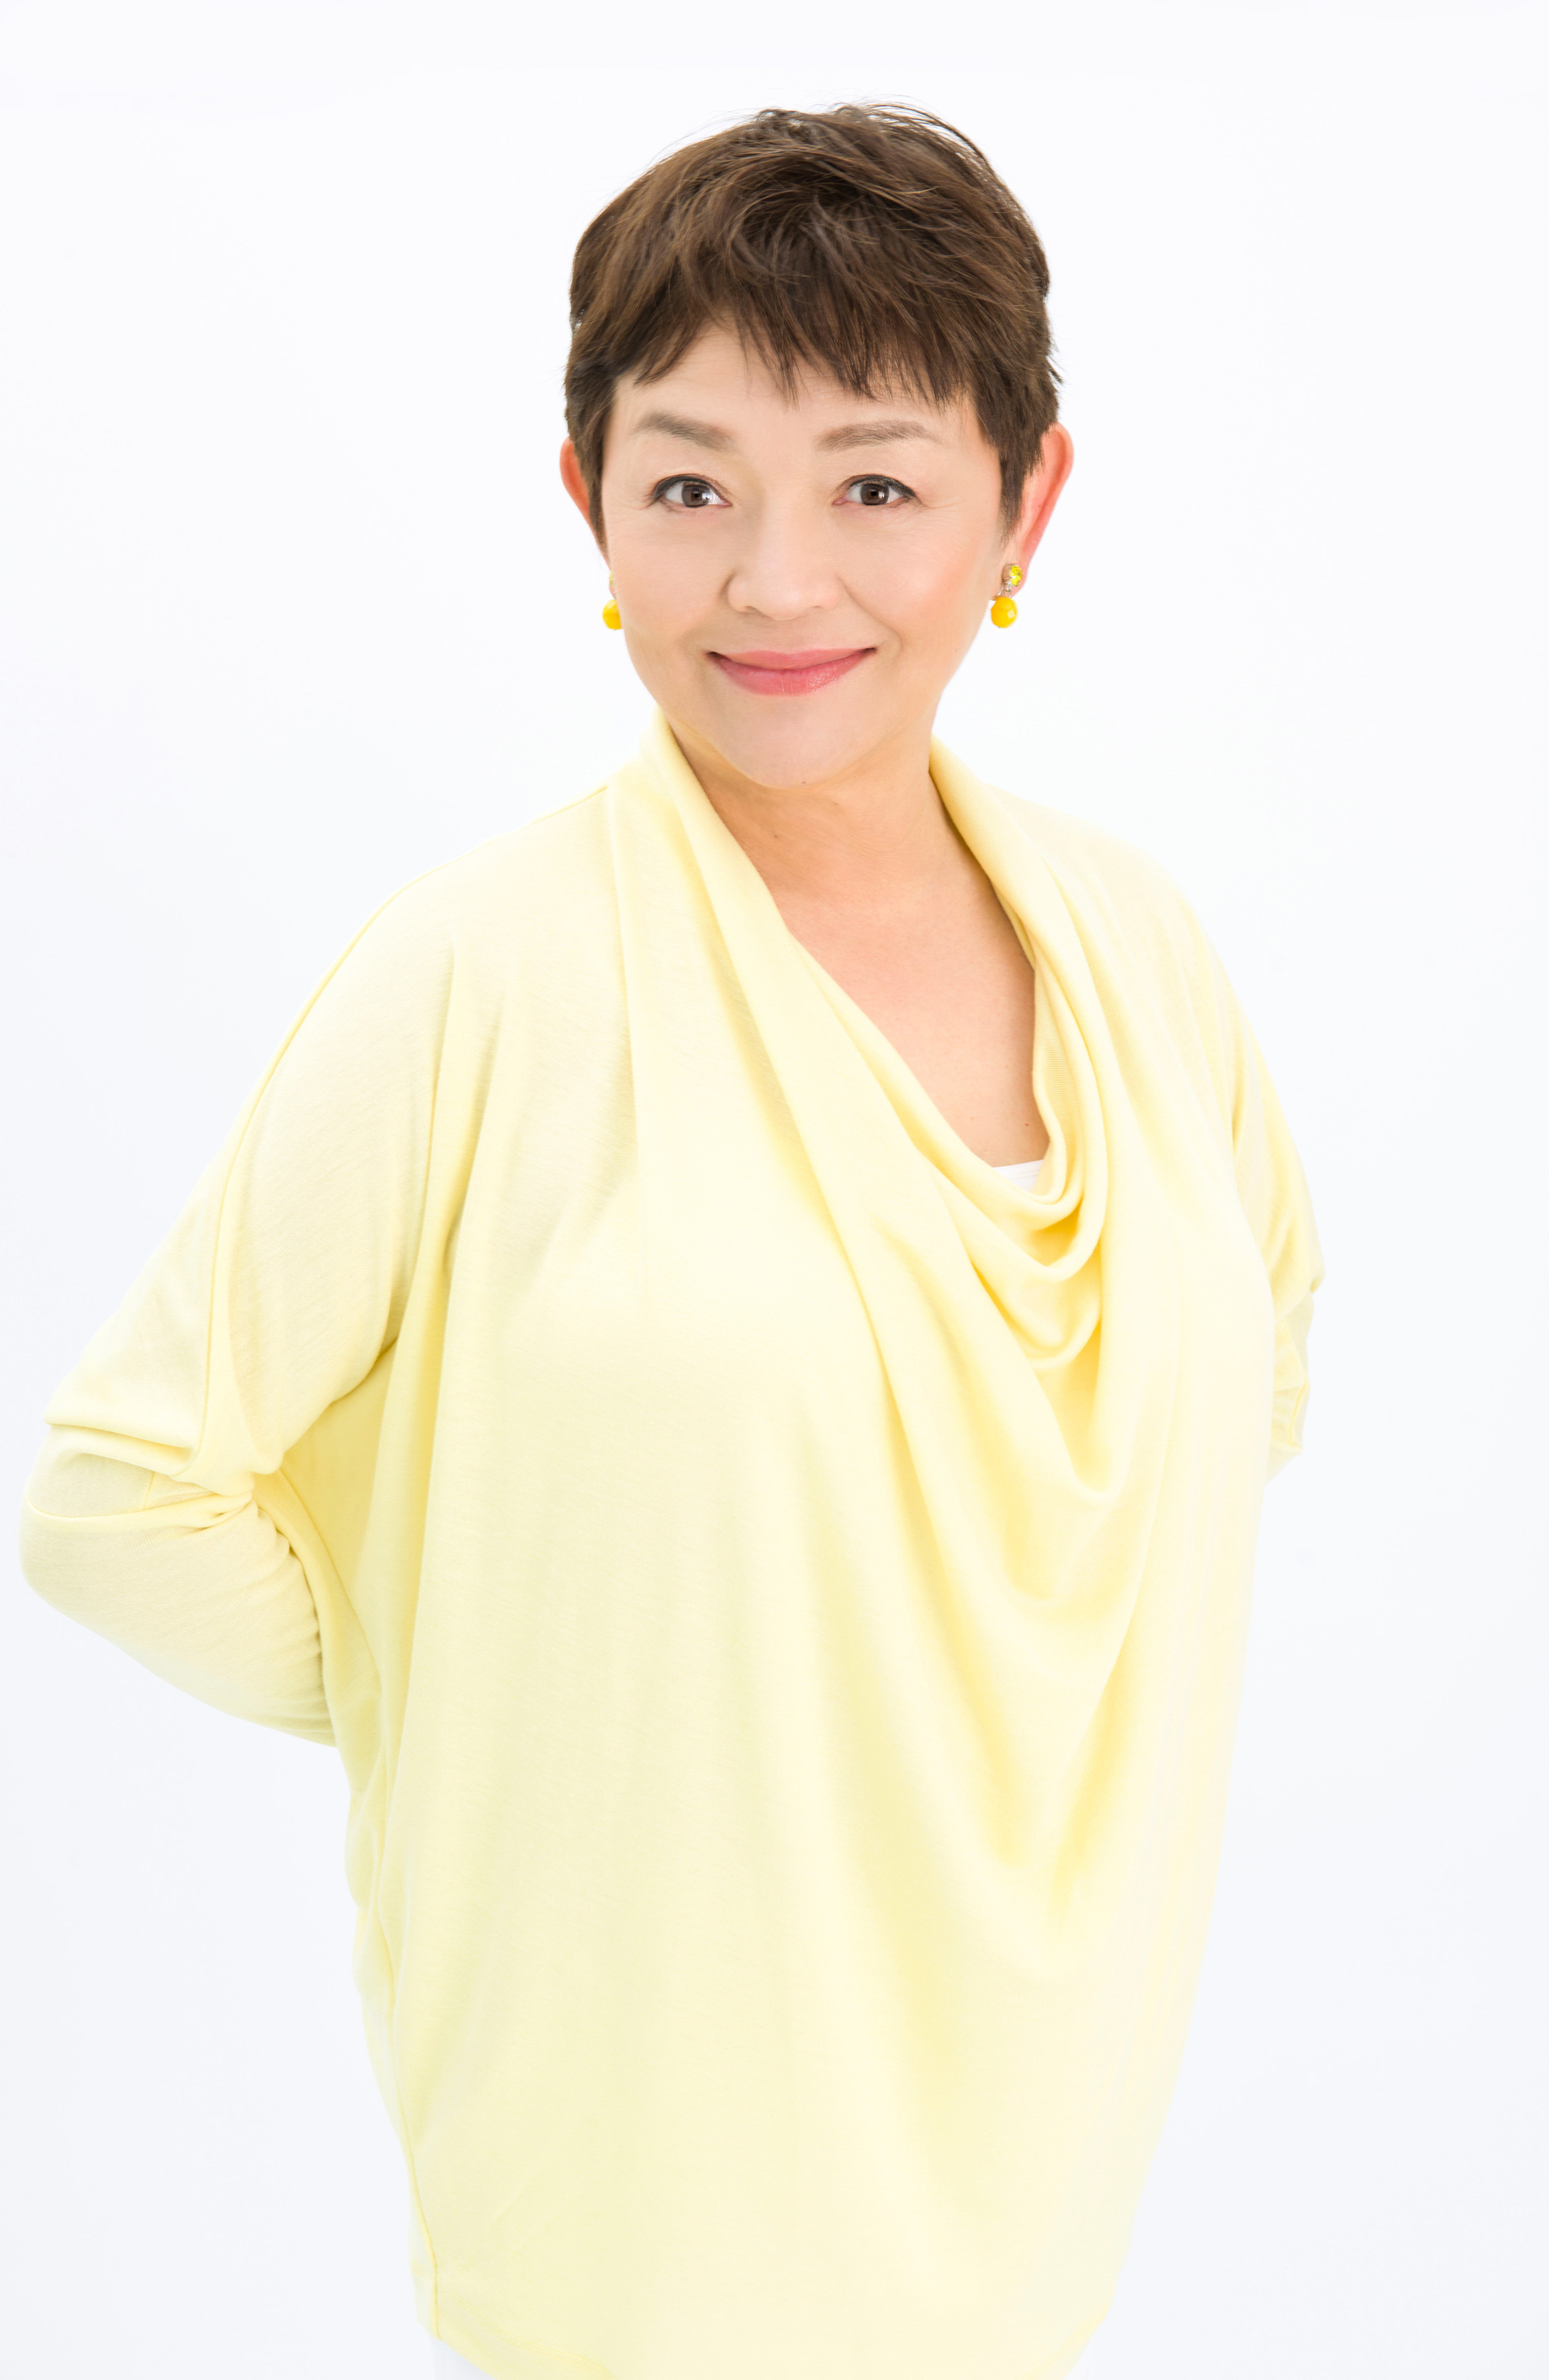 仁科静音役 藤田弓子